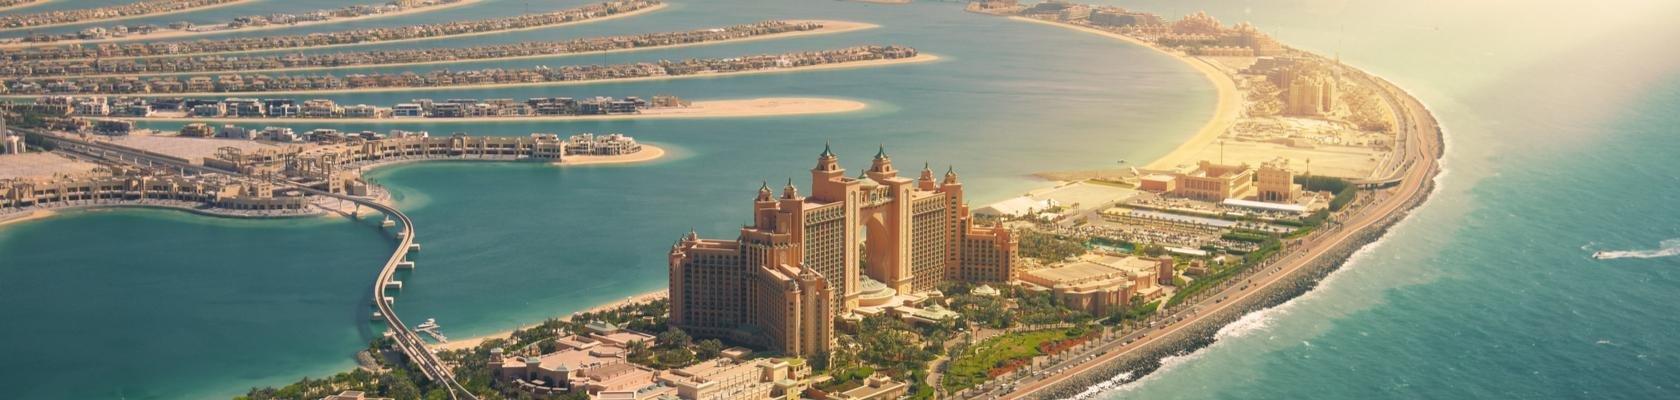 Palmeiland met Hotel Atlantis